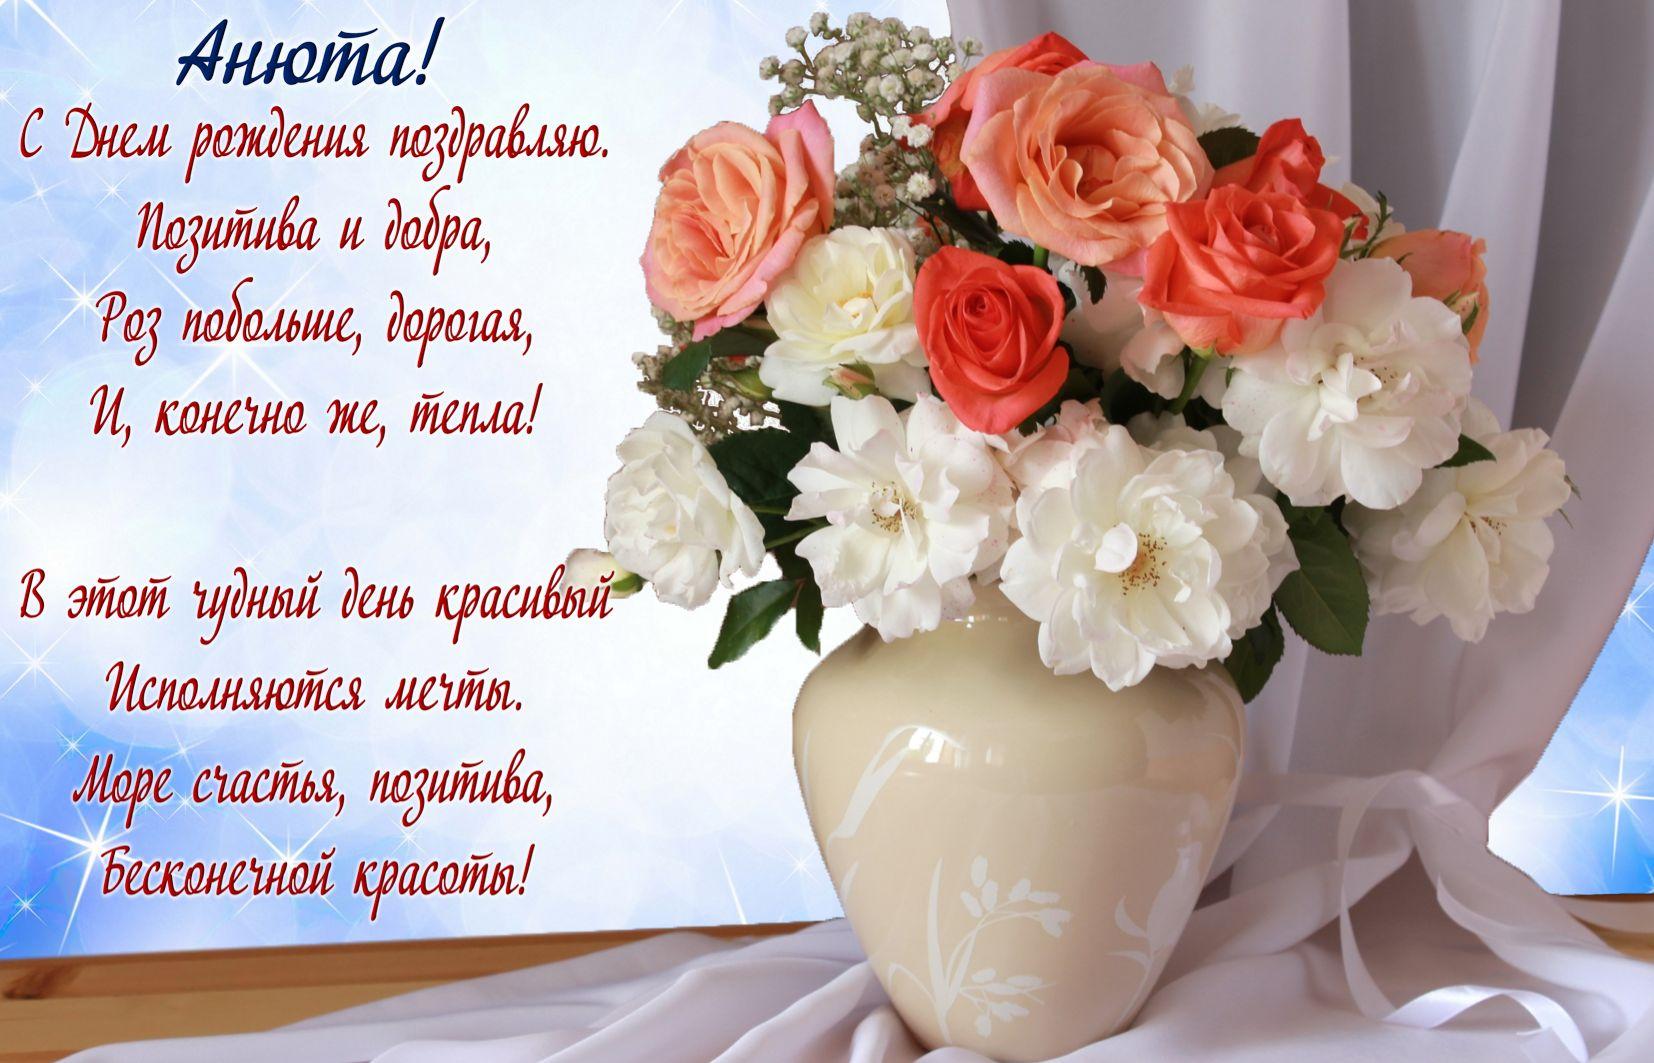 Поздравление с днем рождения анну коллегу в стихах 9